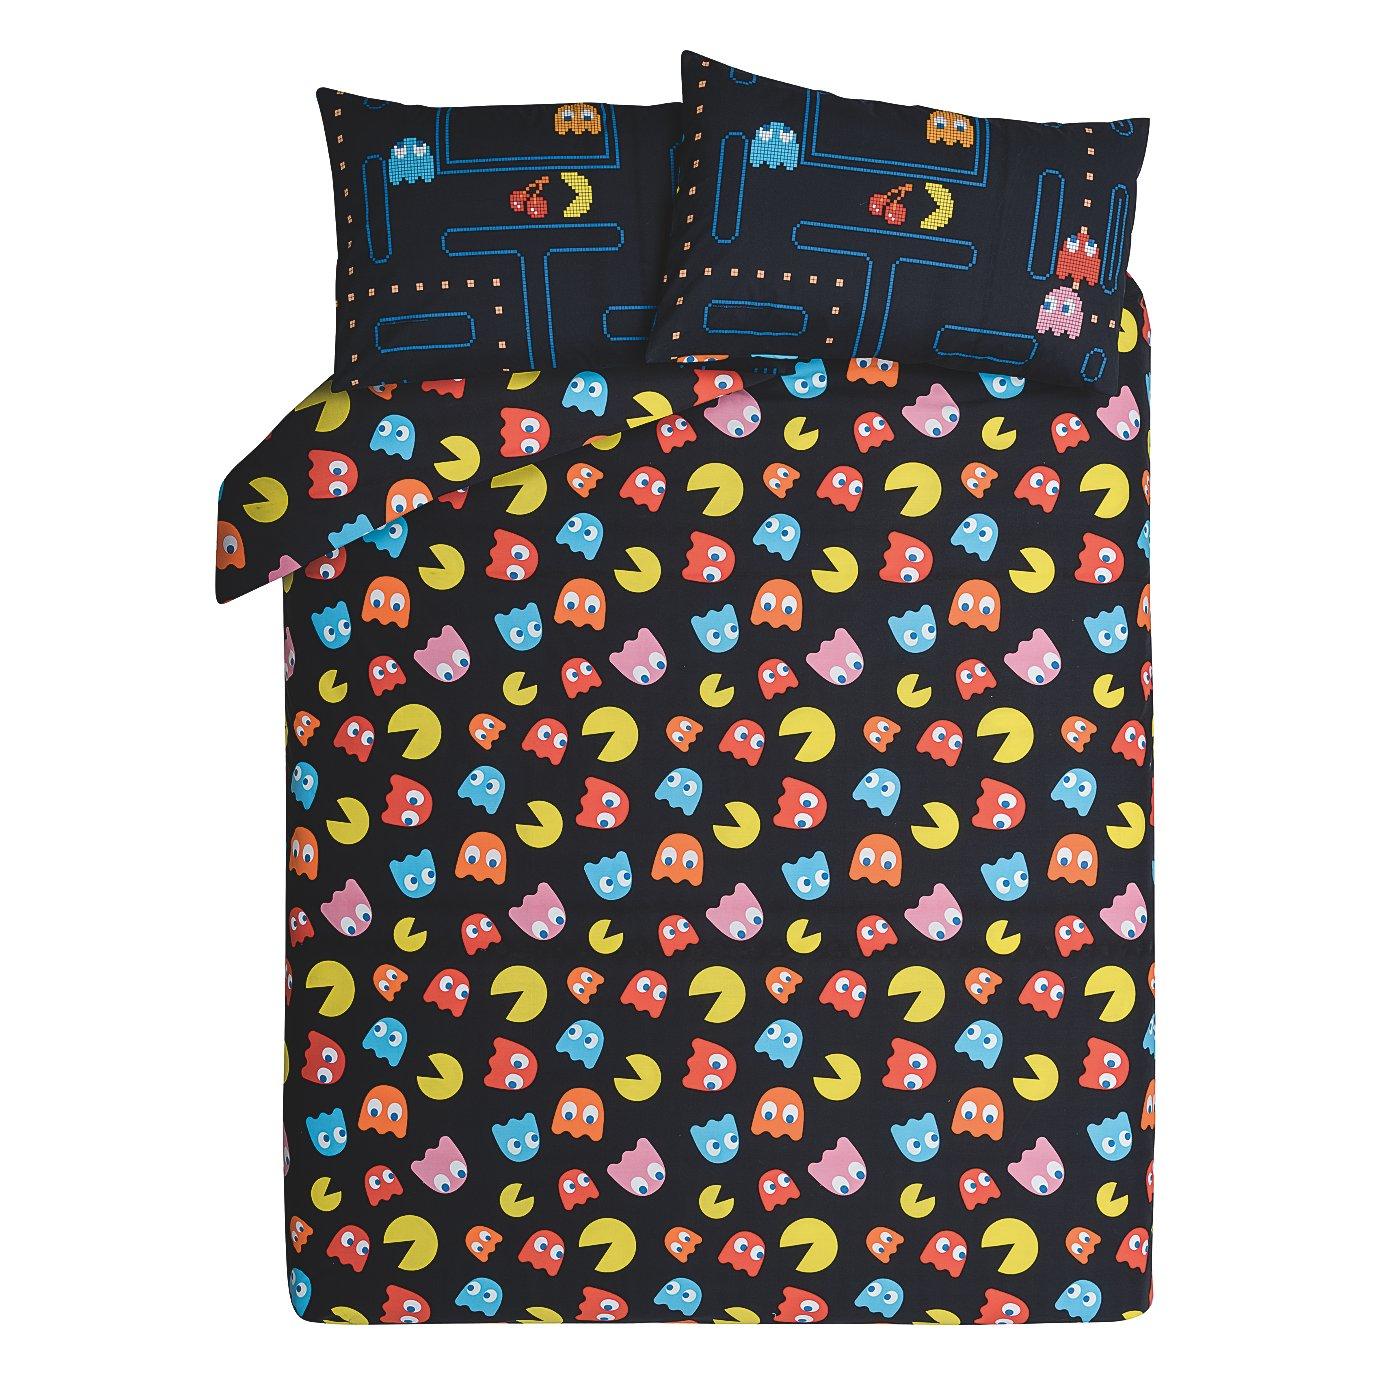 Bananaman Pac Man And Grumpy Cat Duvet Sets From 163 13